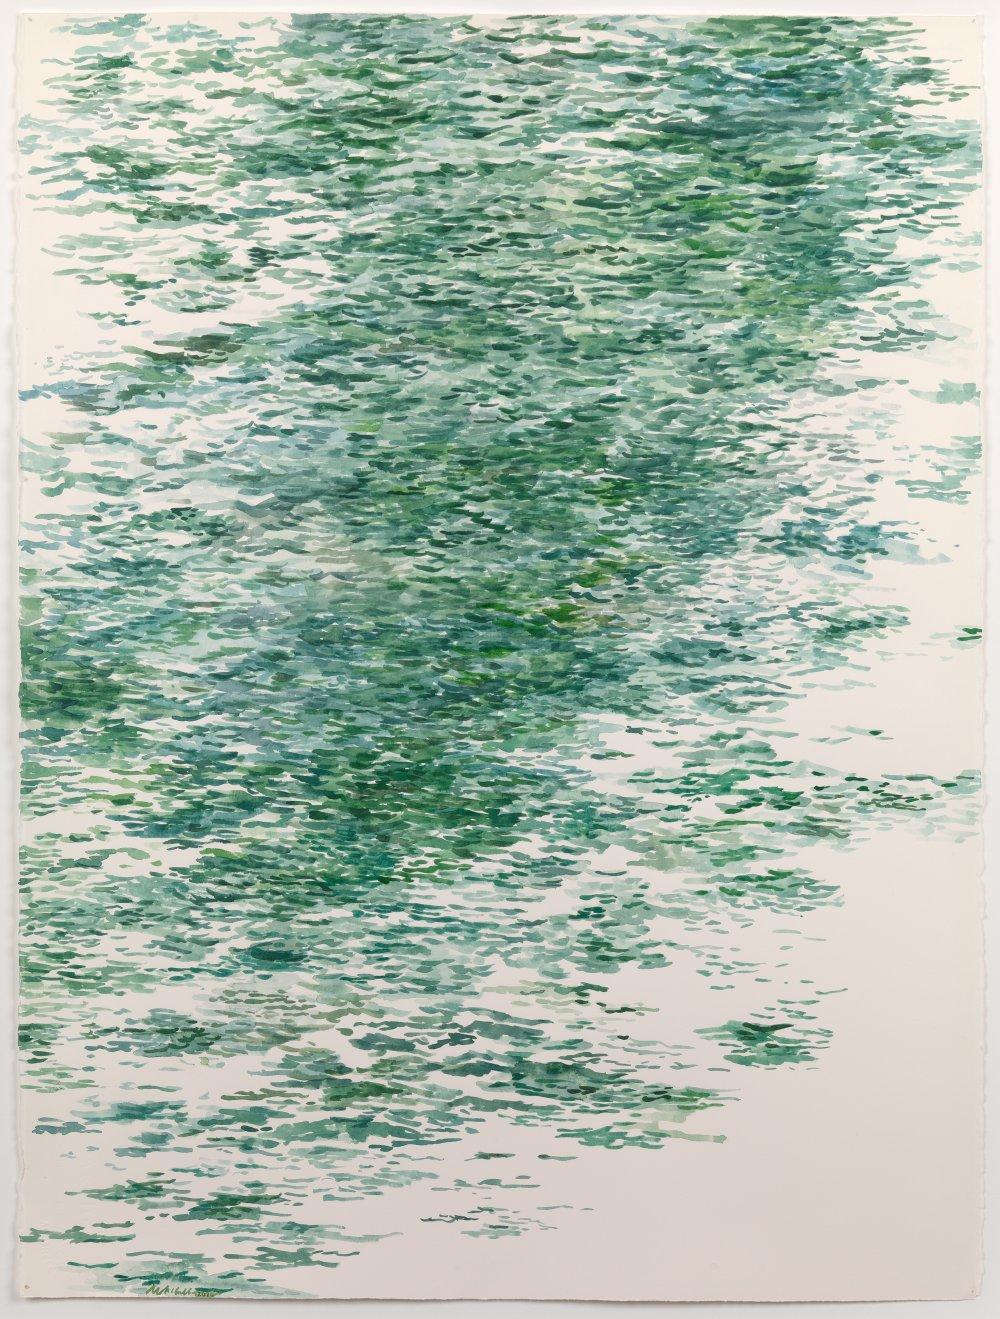 Venetian Lagoon Study